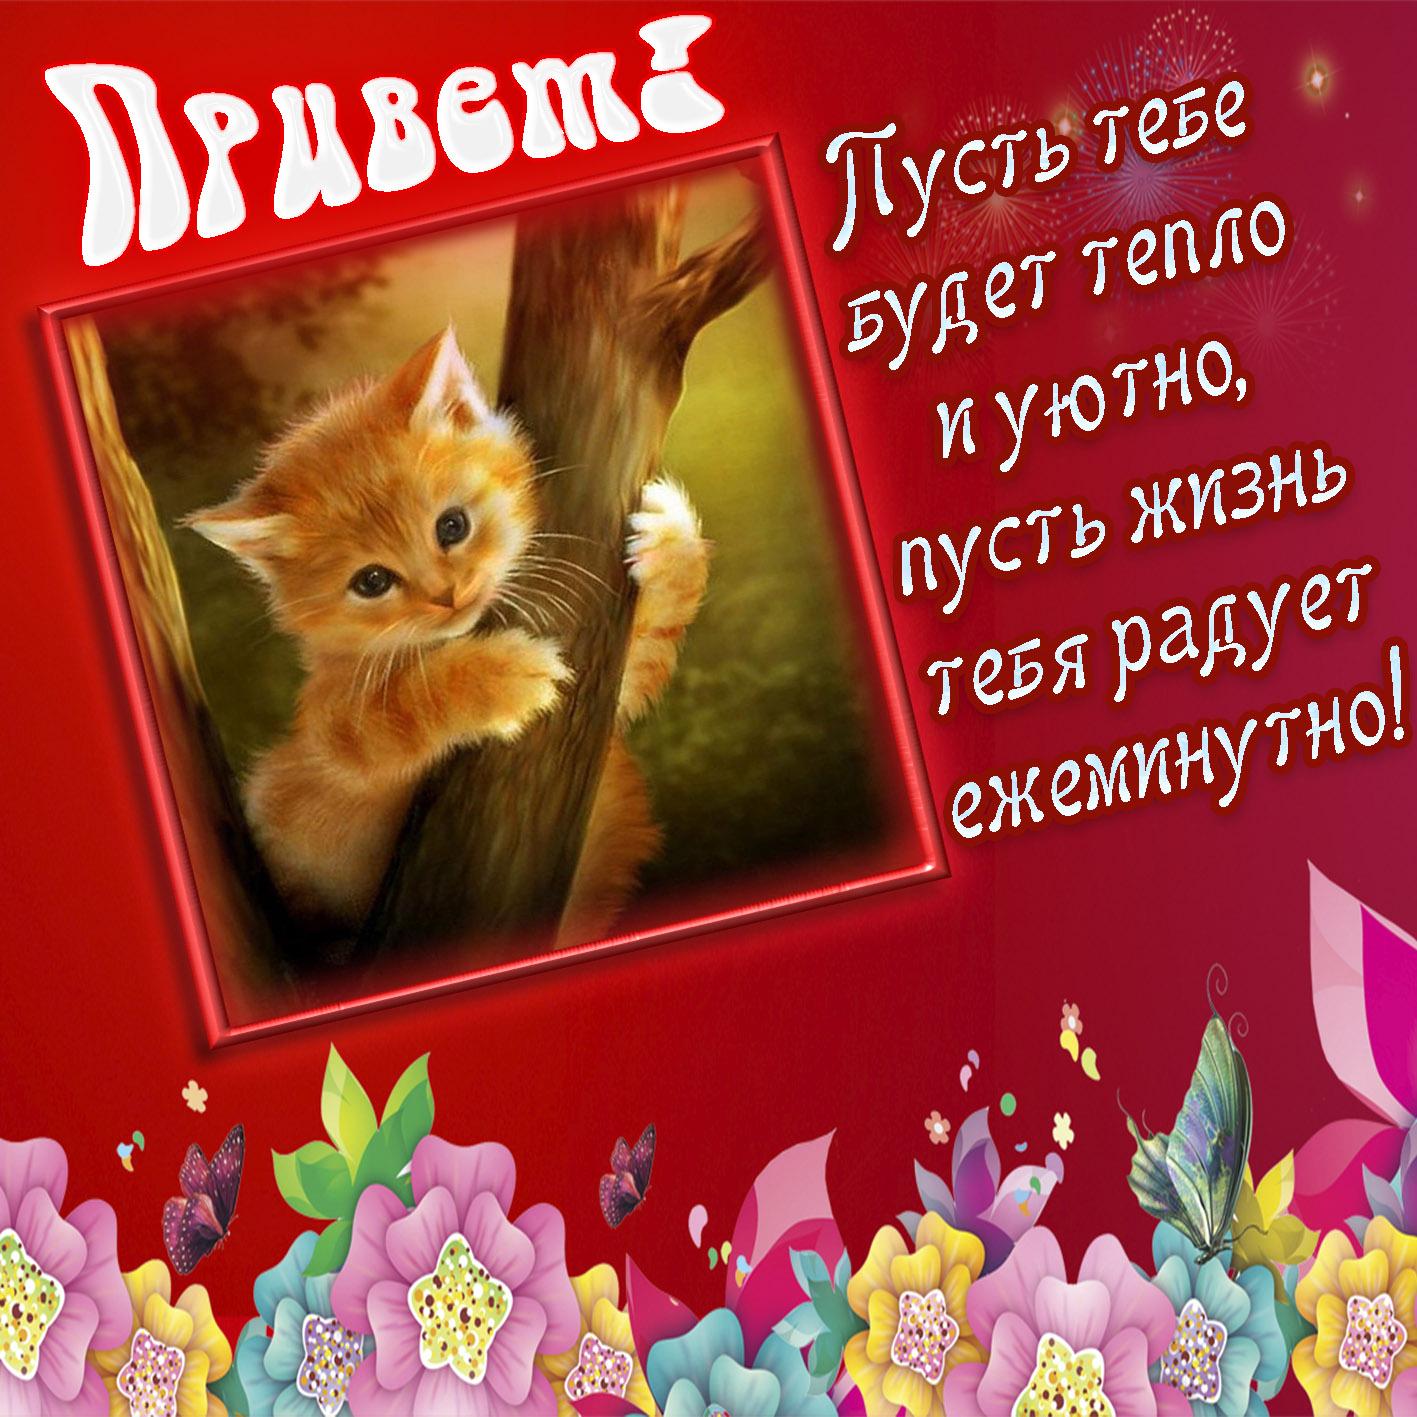 Открытка - котёнок в рамочке шлёт Вам привет